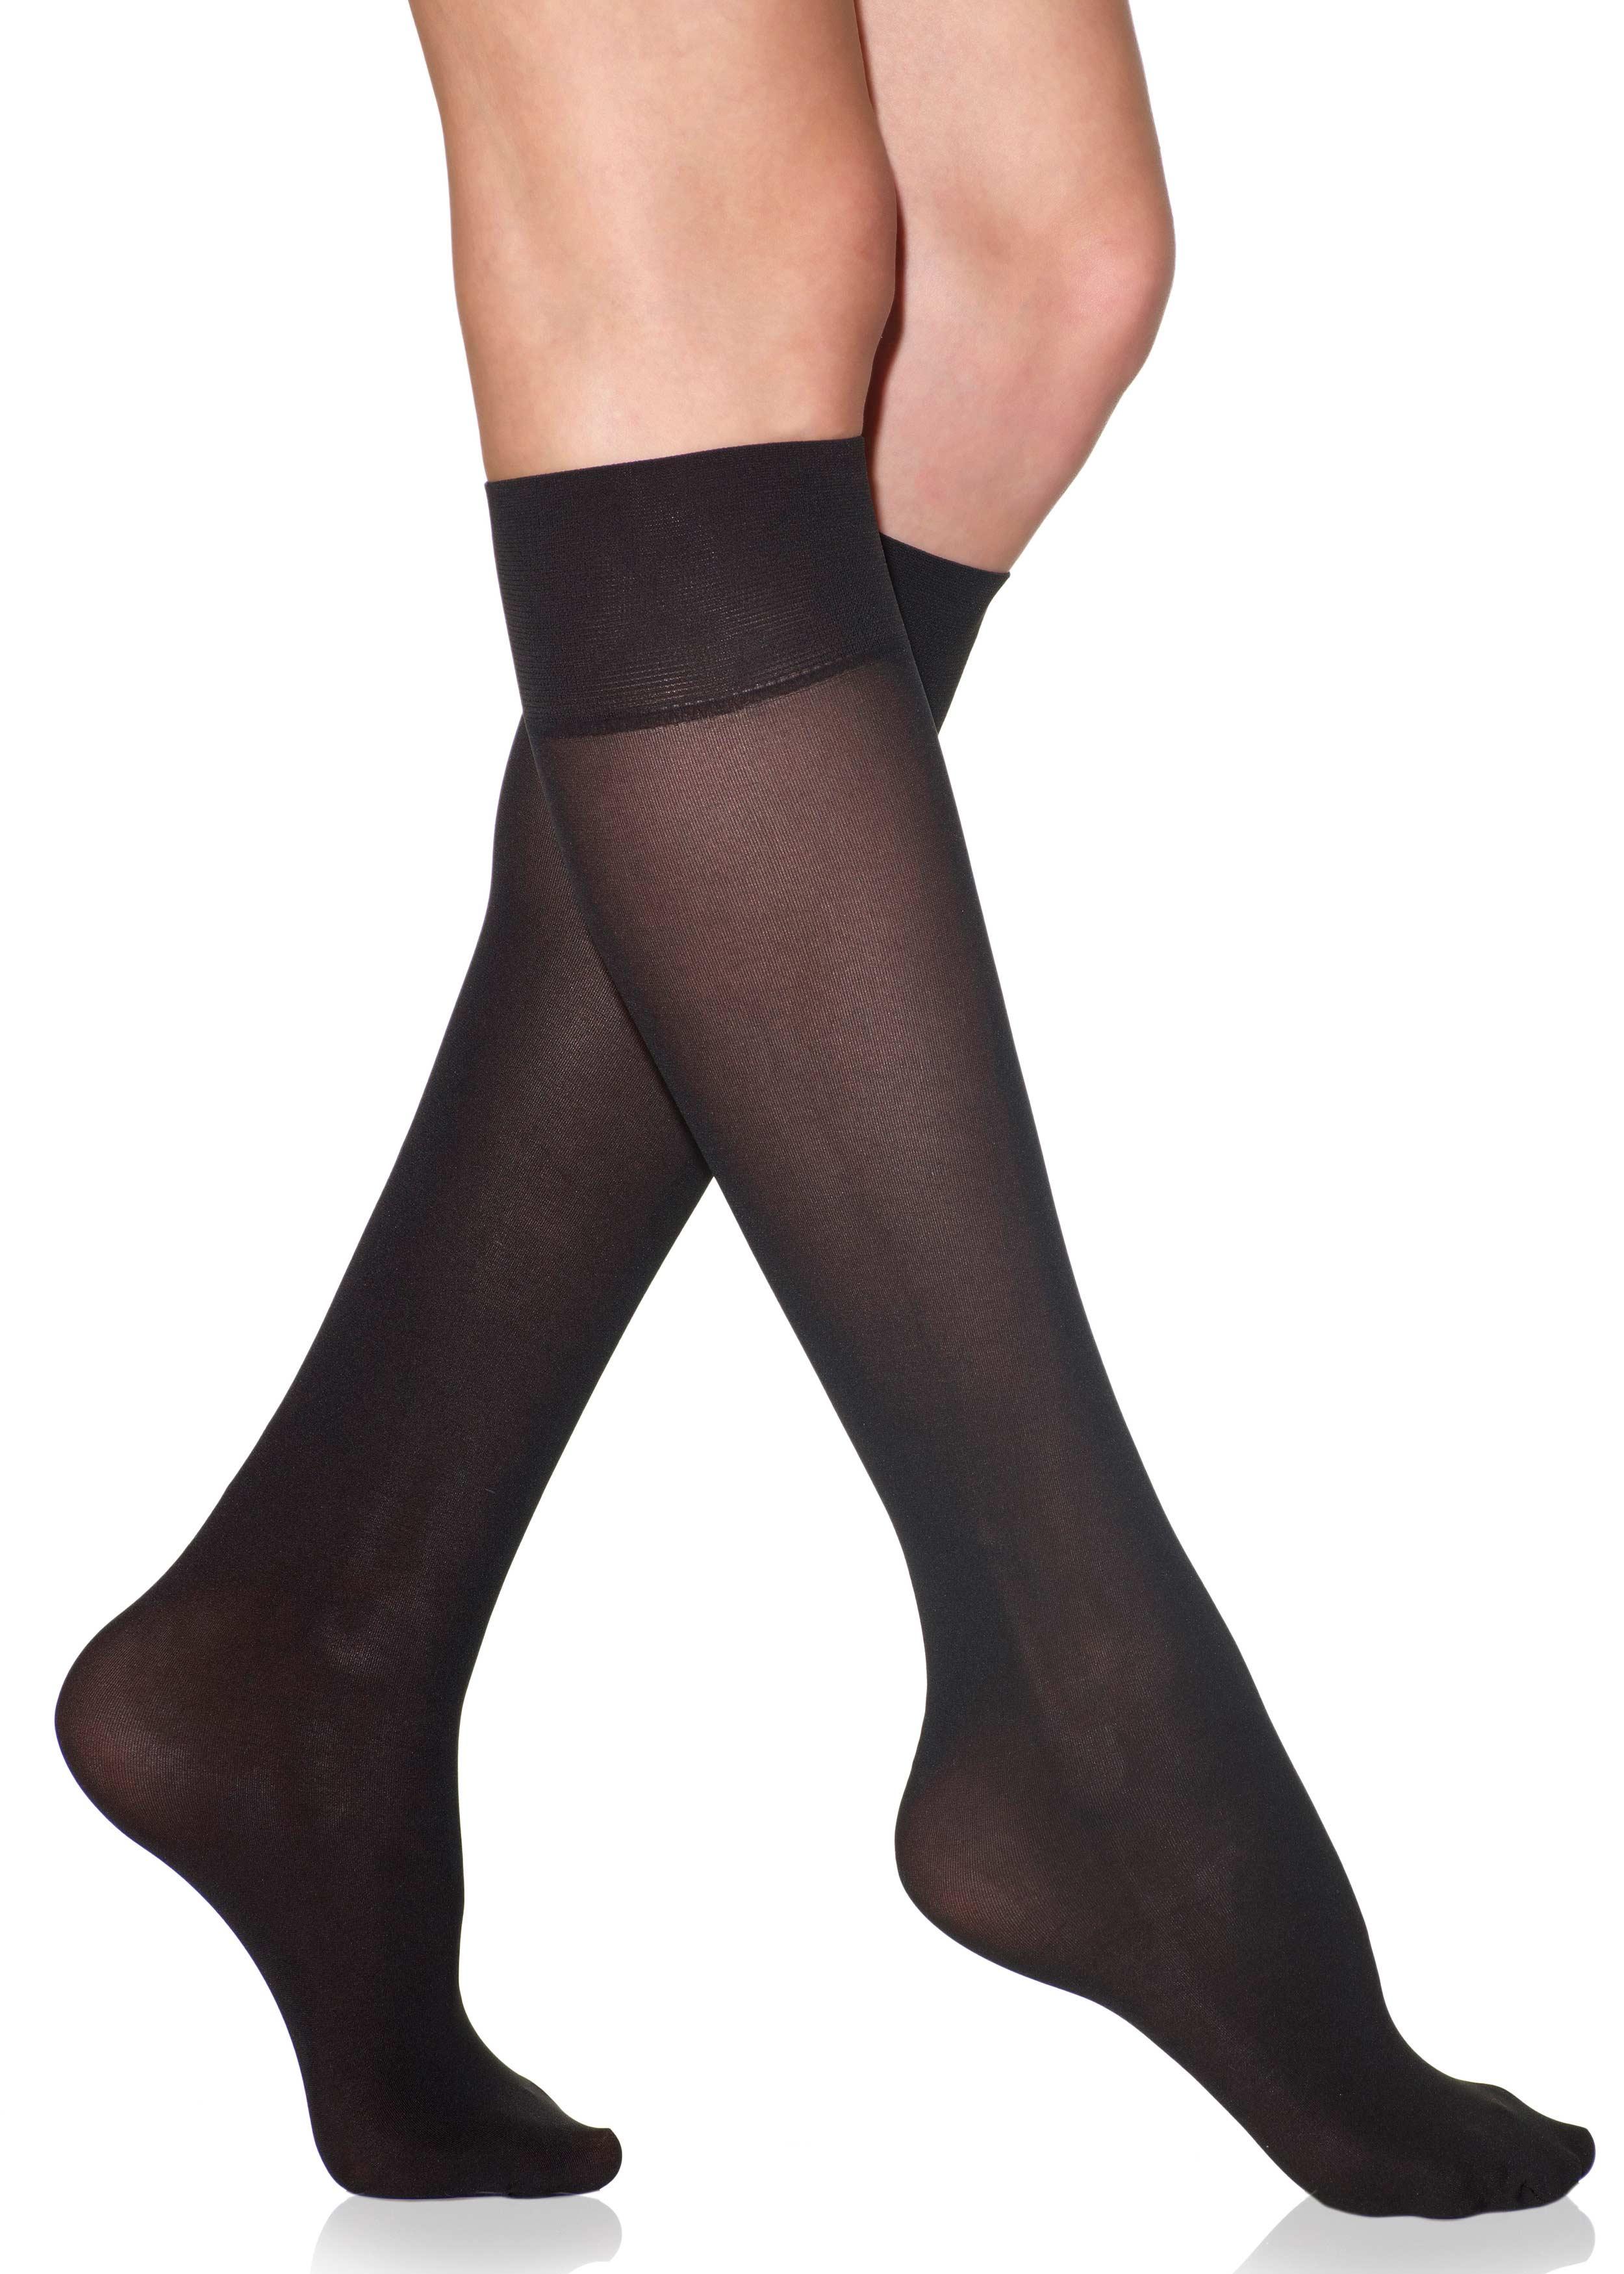 Silkies Microfiber Trouser Socks 2 Pack Knee Socks Womenu0026#39;s Legwear | Silkies.com